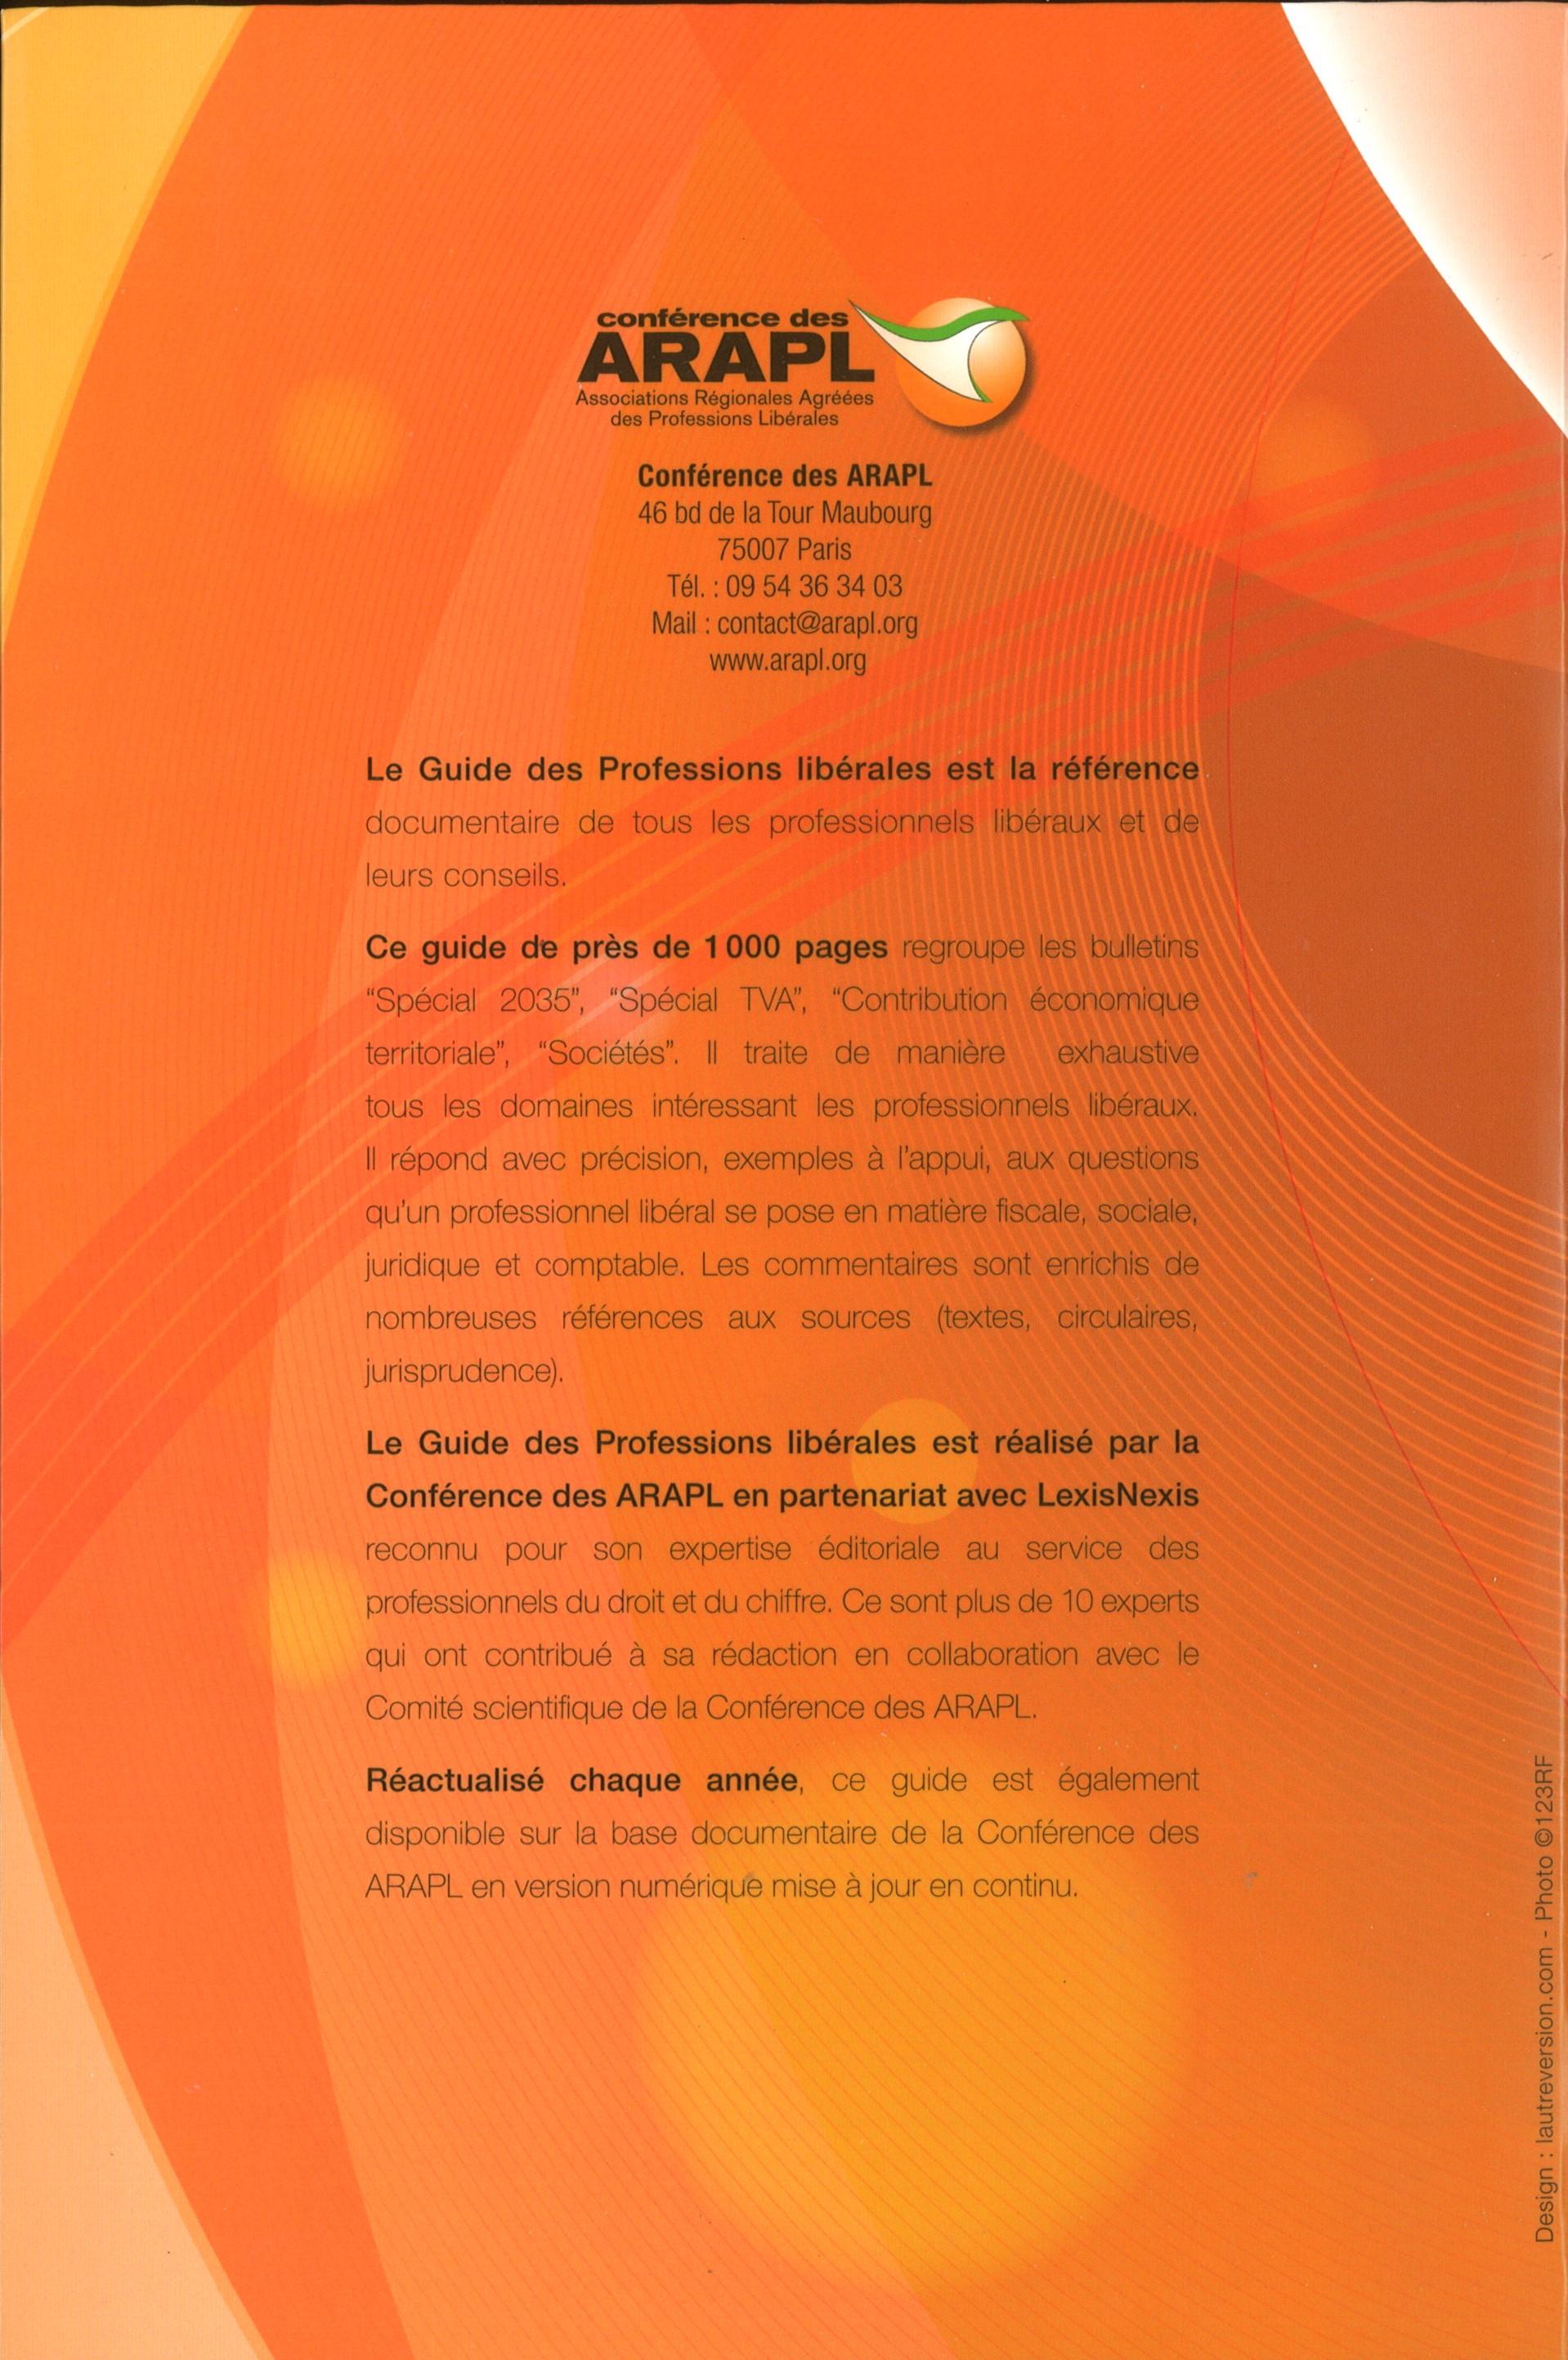 eca2c7c6ff31 Notice bibliographique Professions libérales ( Éd.  2018)  ouvrage réalisé  par la rédaction des éditions LexisNexis et la Conférence des ARAPL    BnF  ...